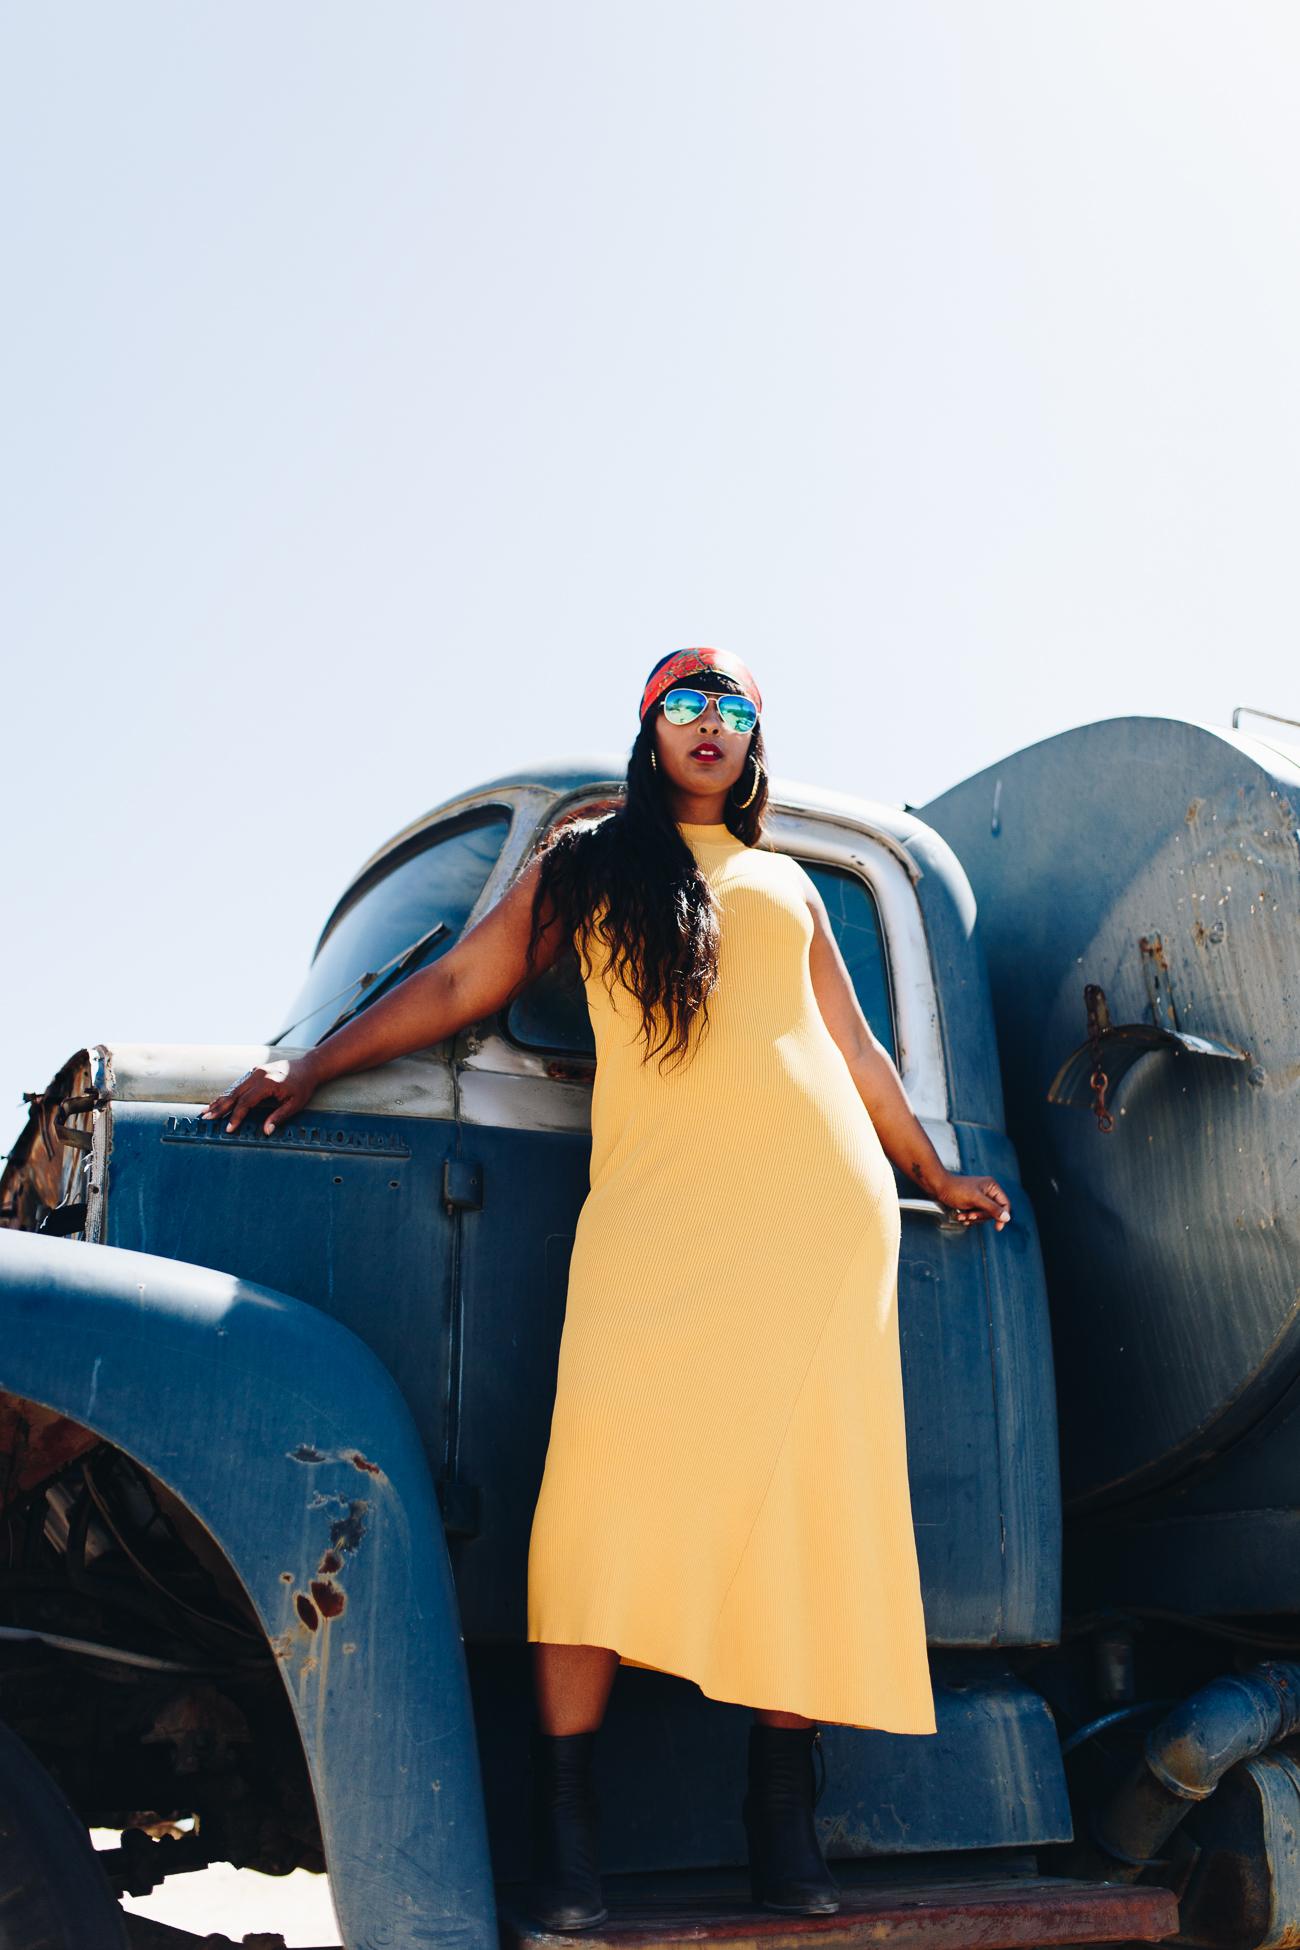 Top washington dc blogger and creative director in california desert shoot